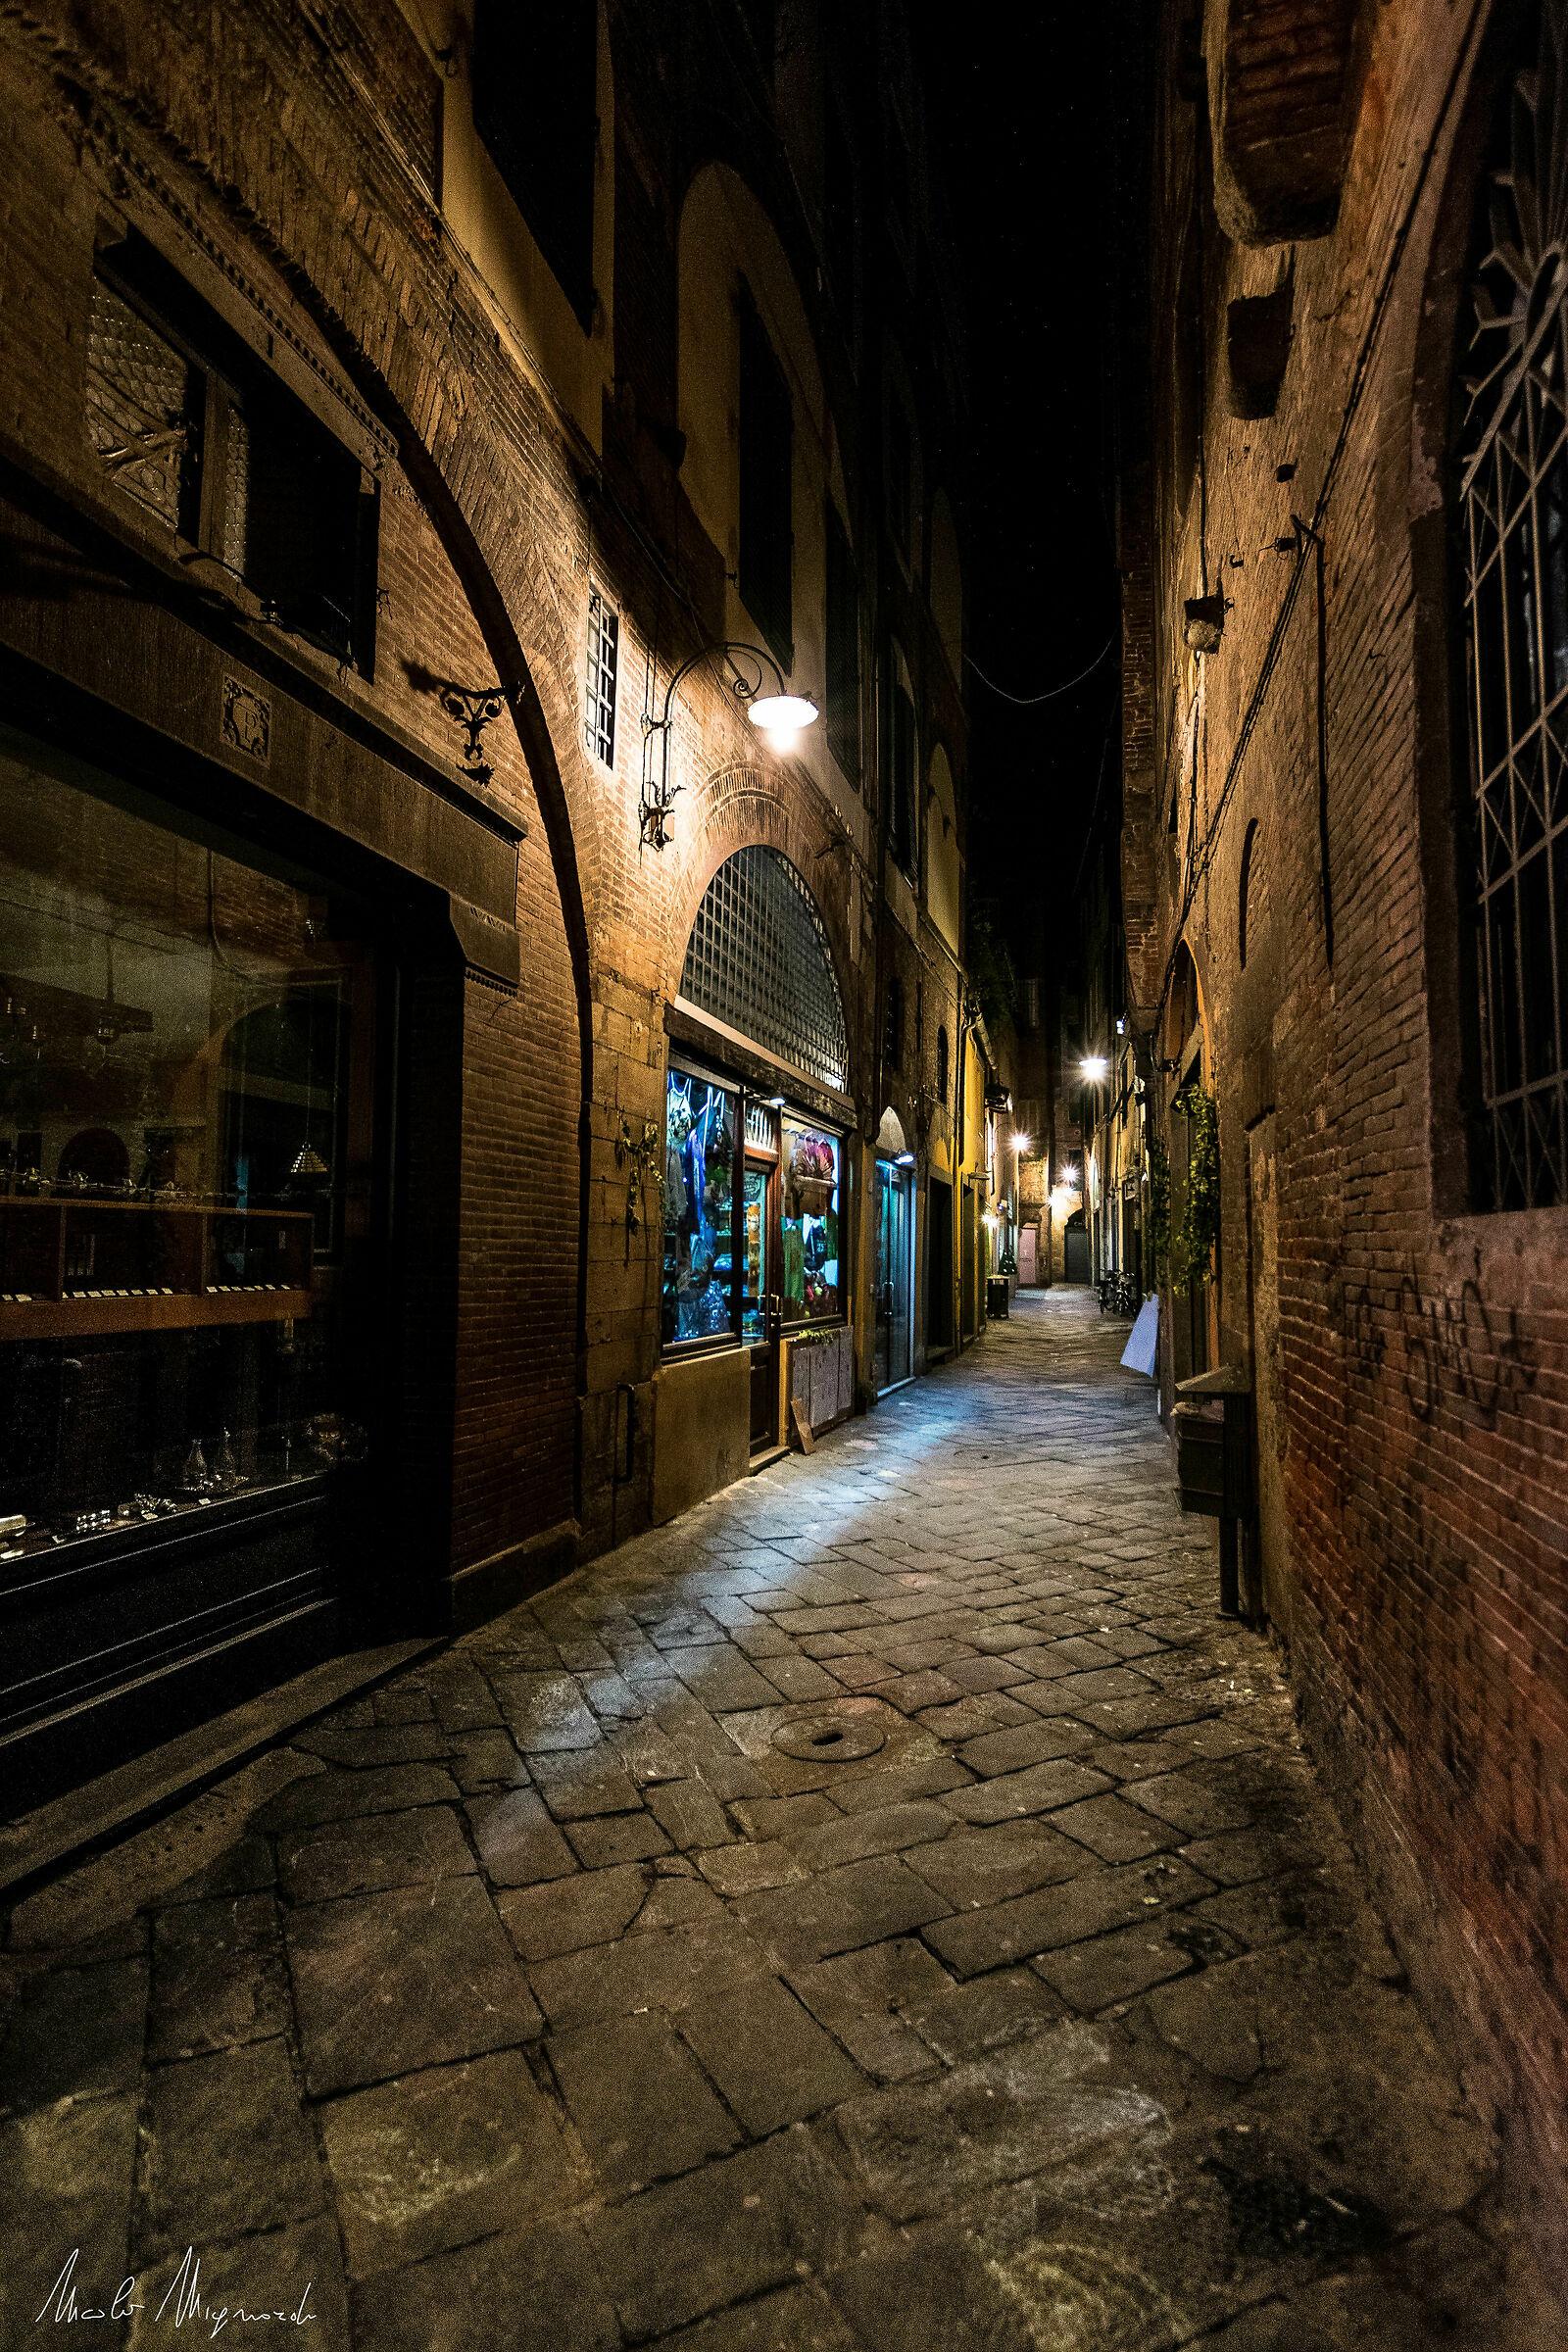 la notte...tra i vicoli di Lucca...